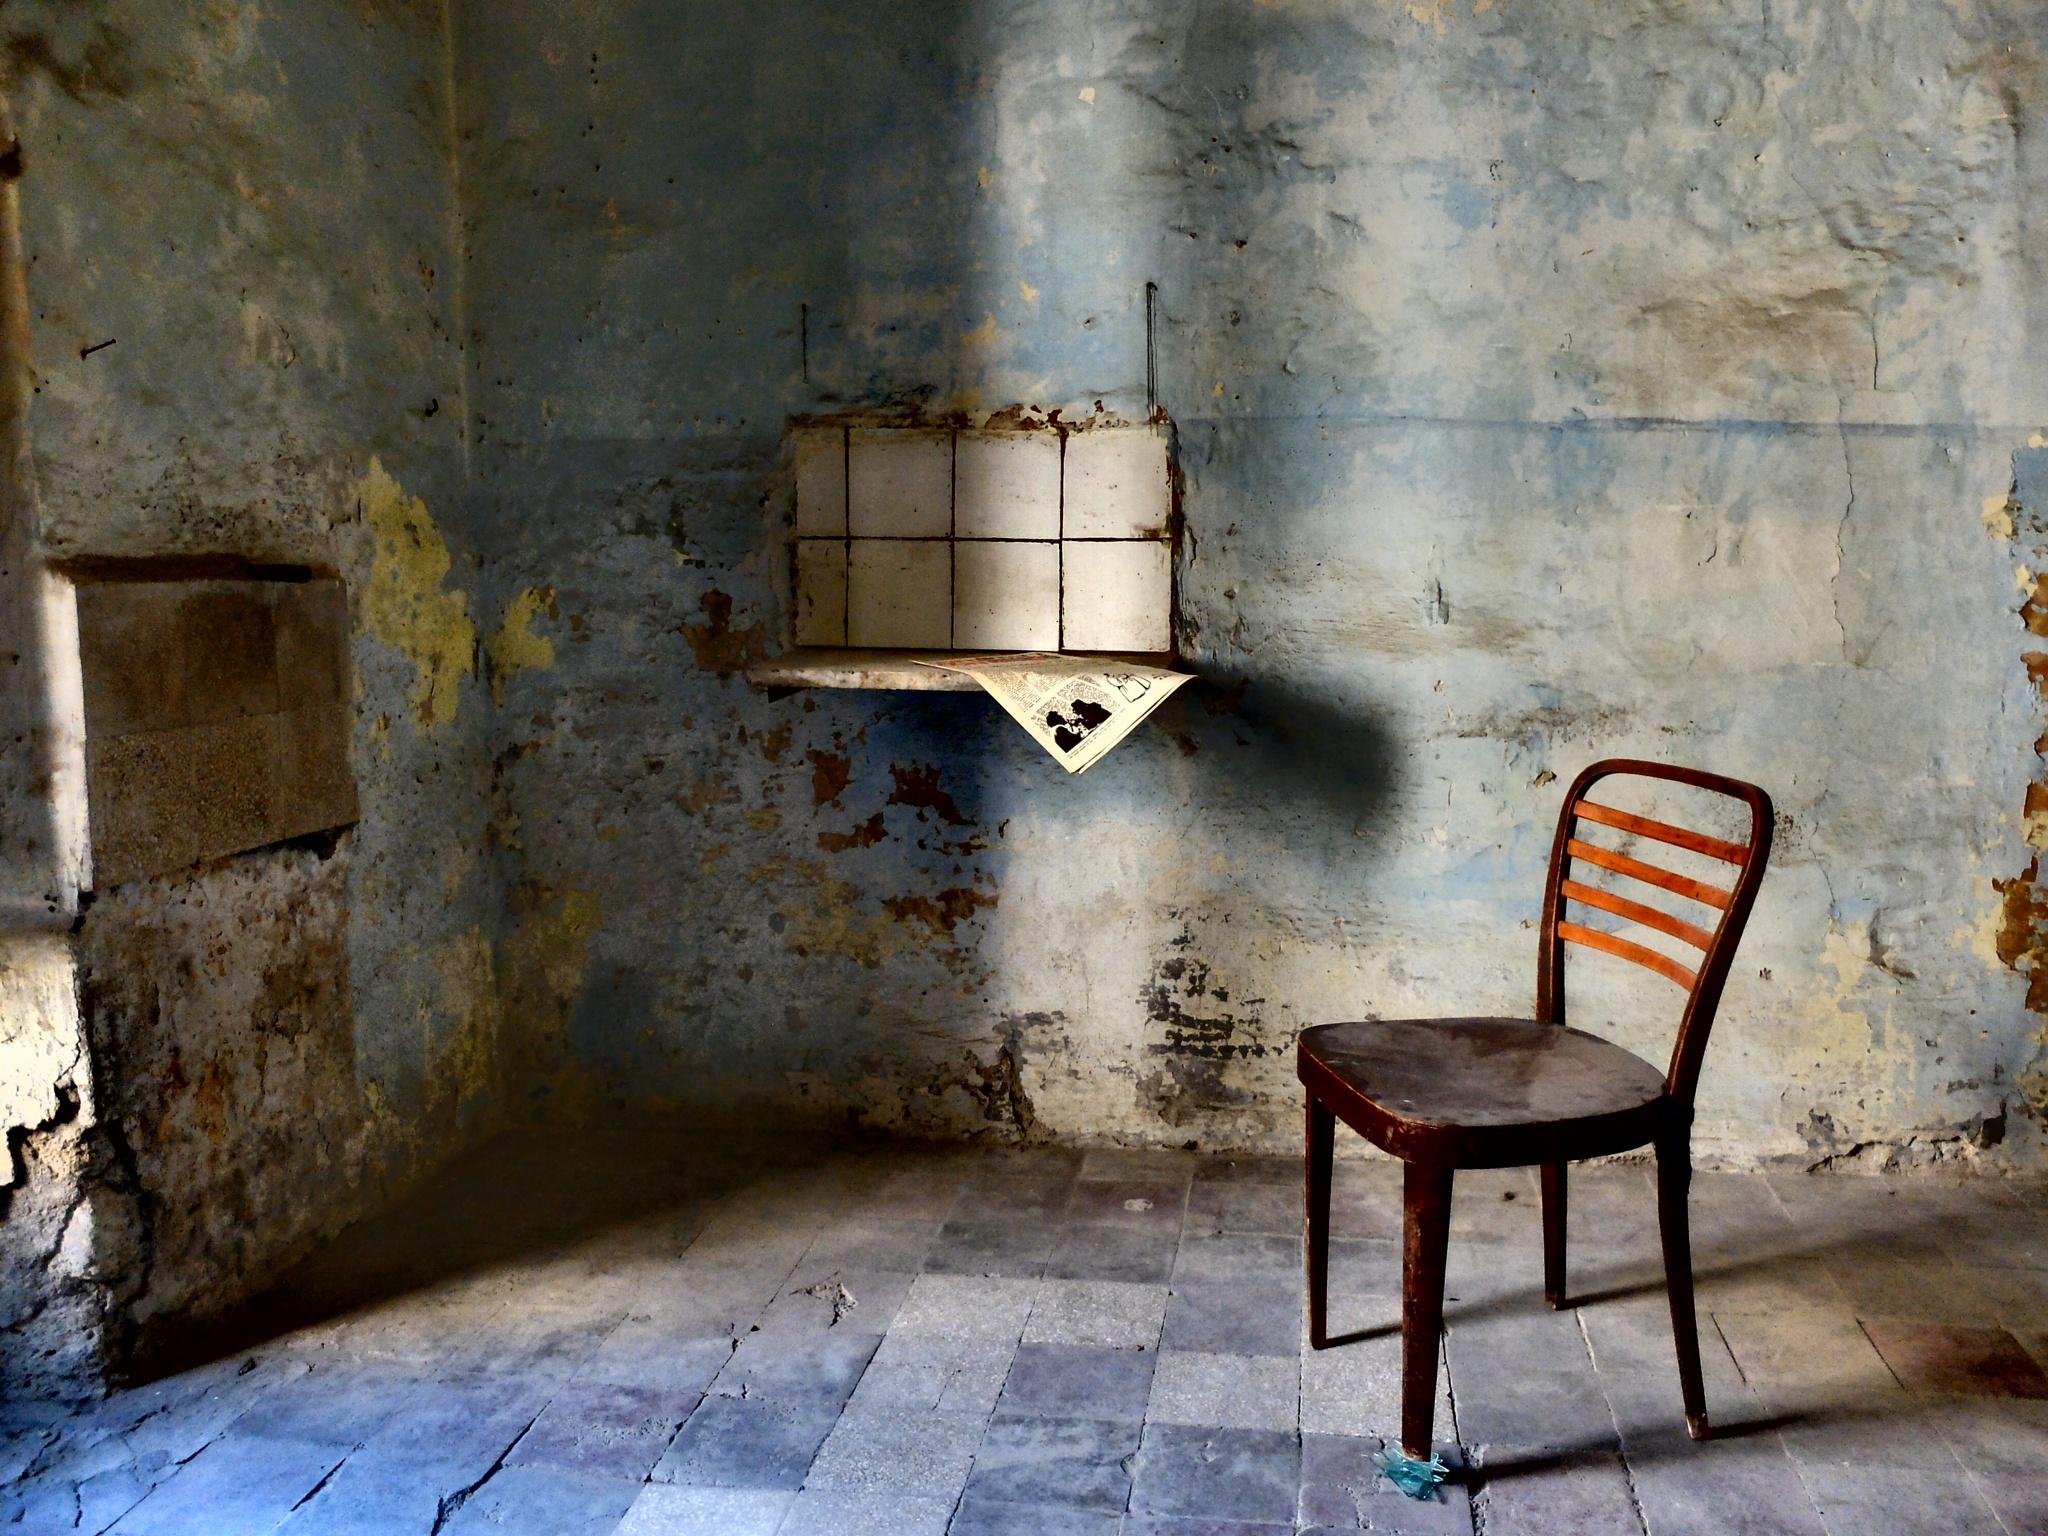 solitudine by gigi.sorrentino1